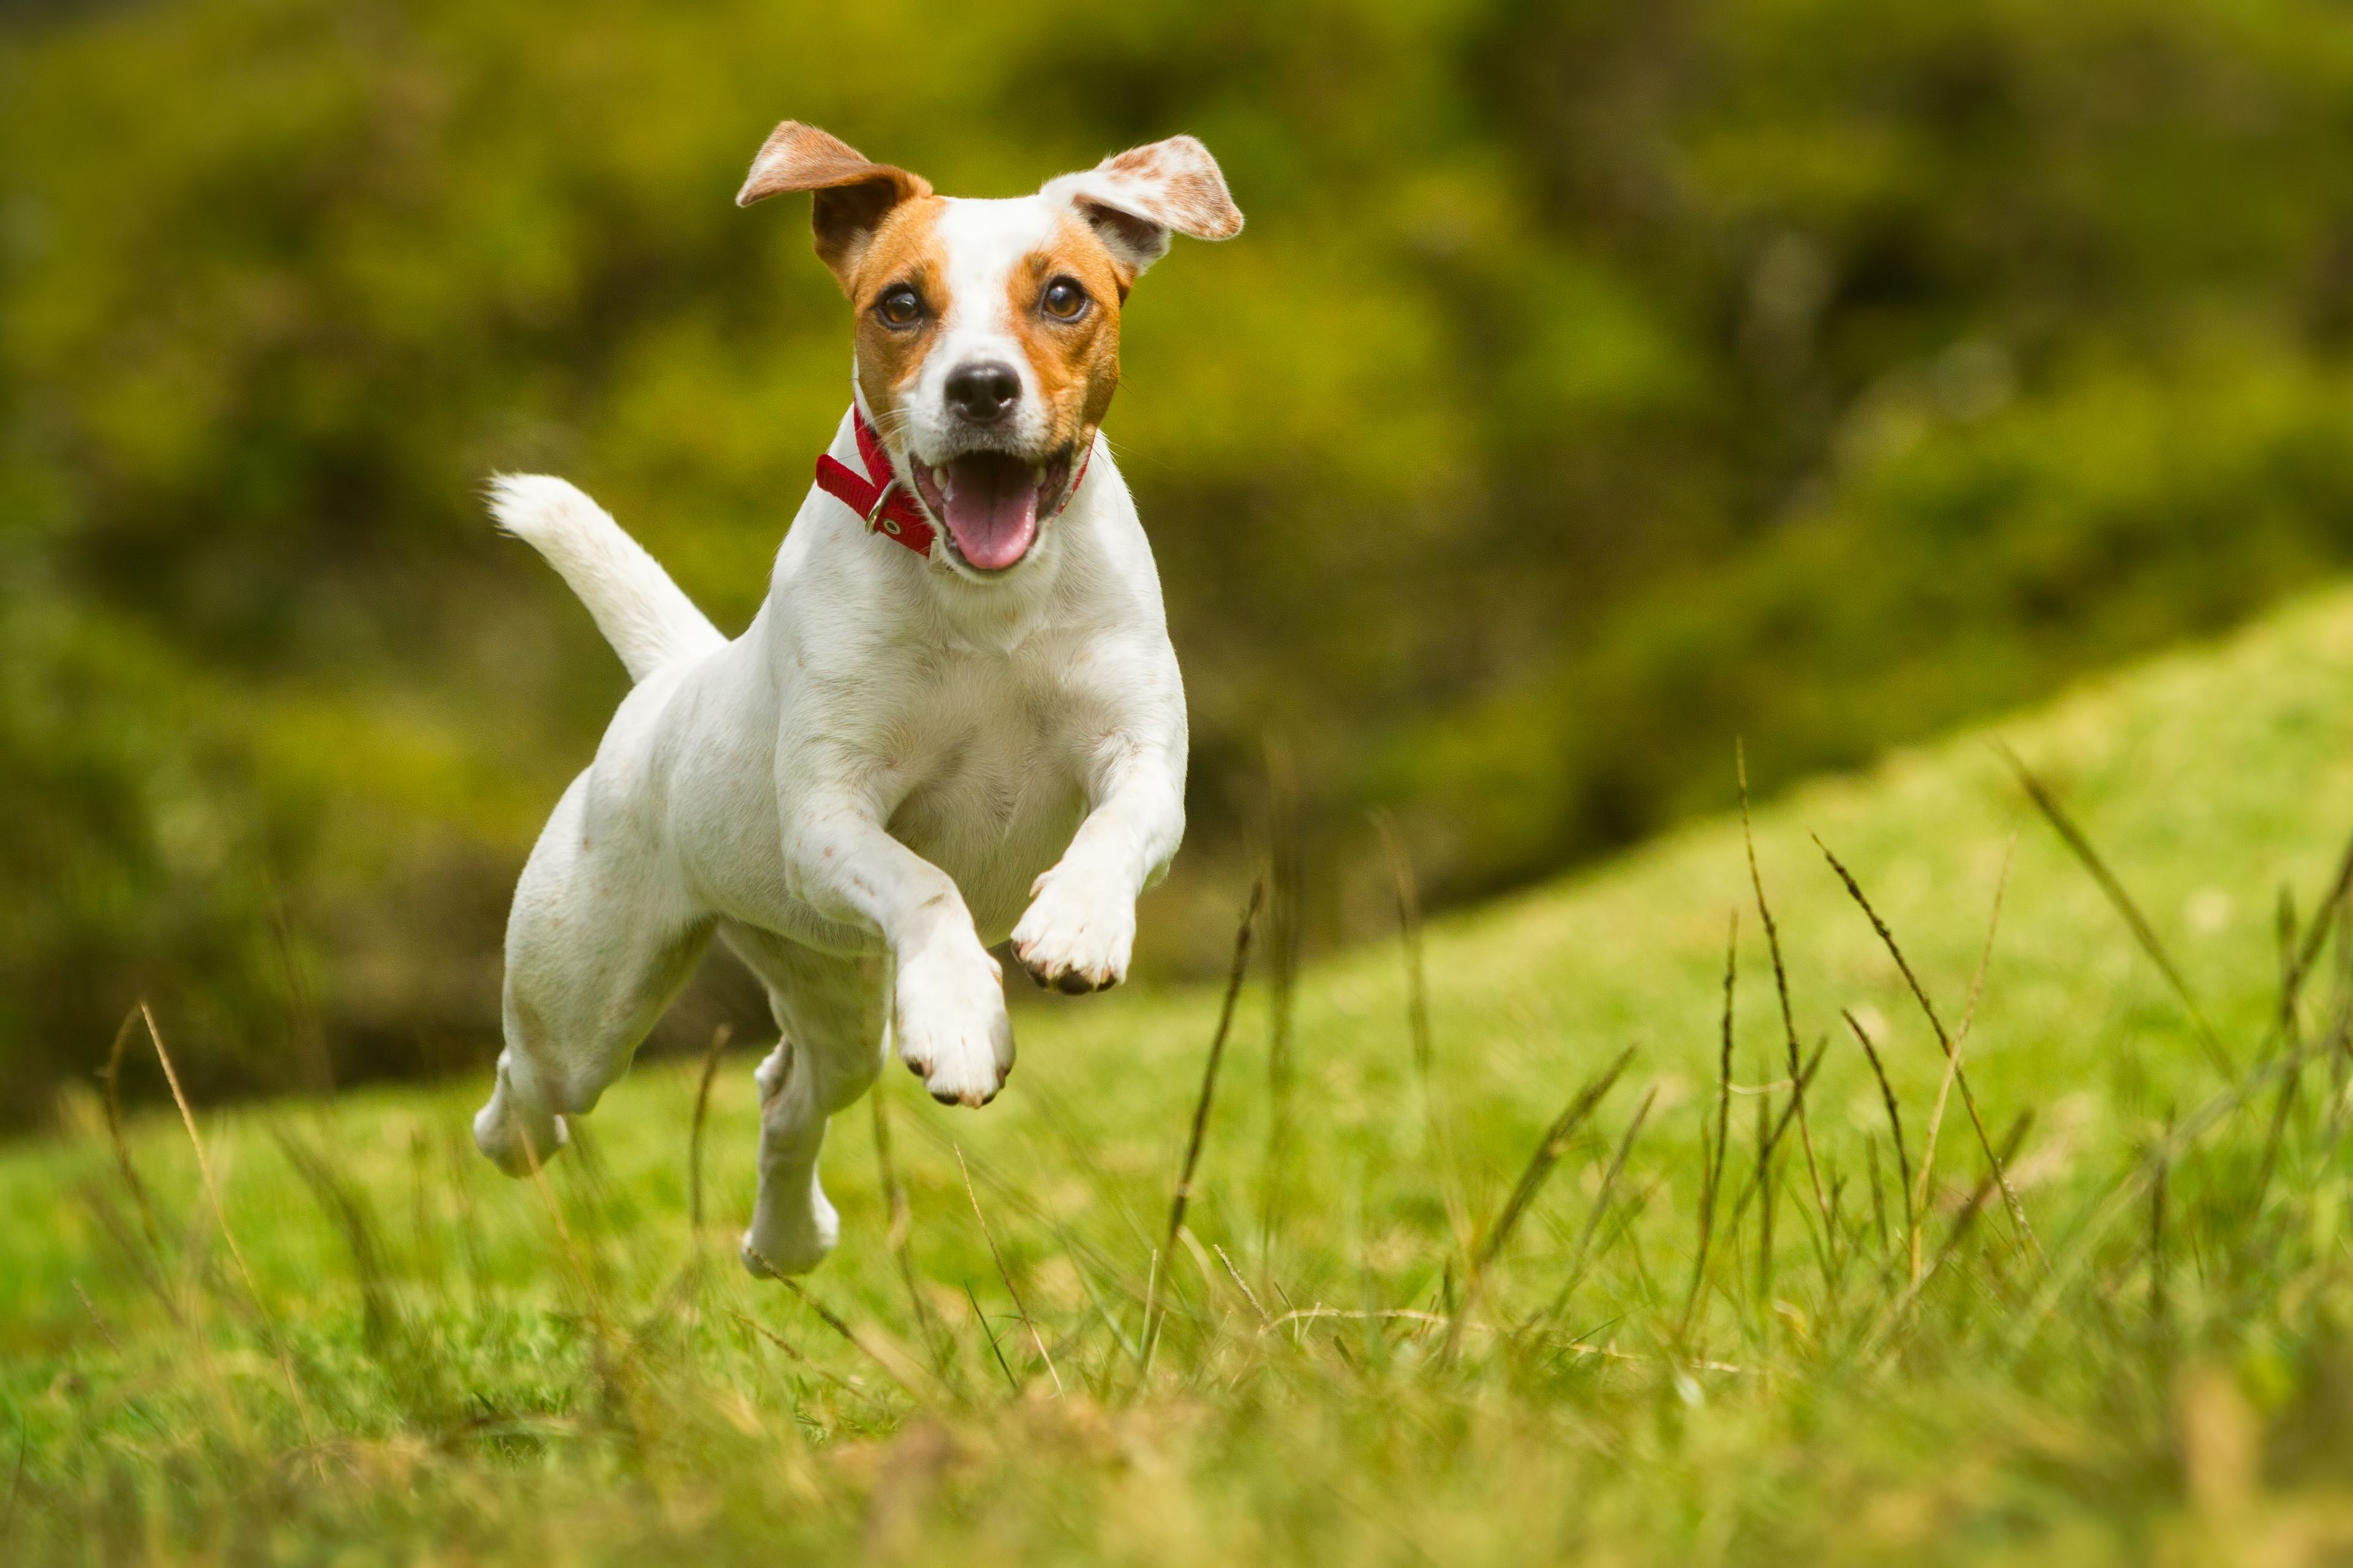 un cane che saltella felicemente